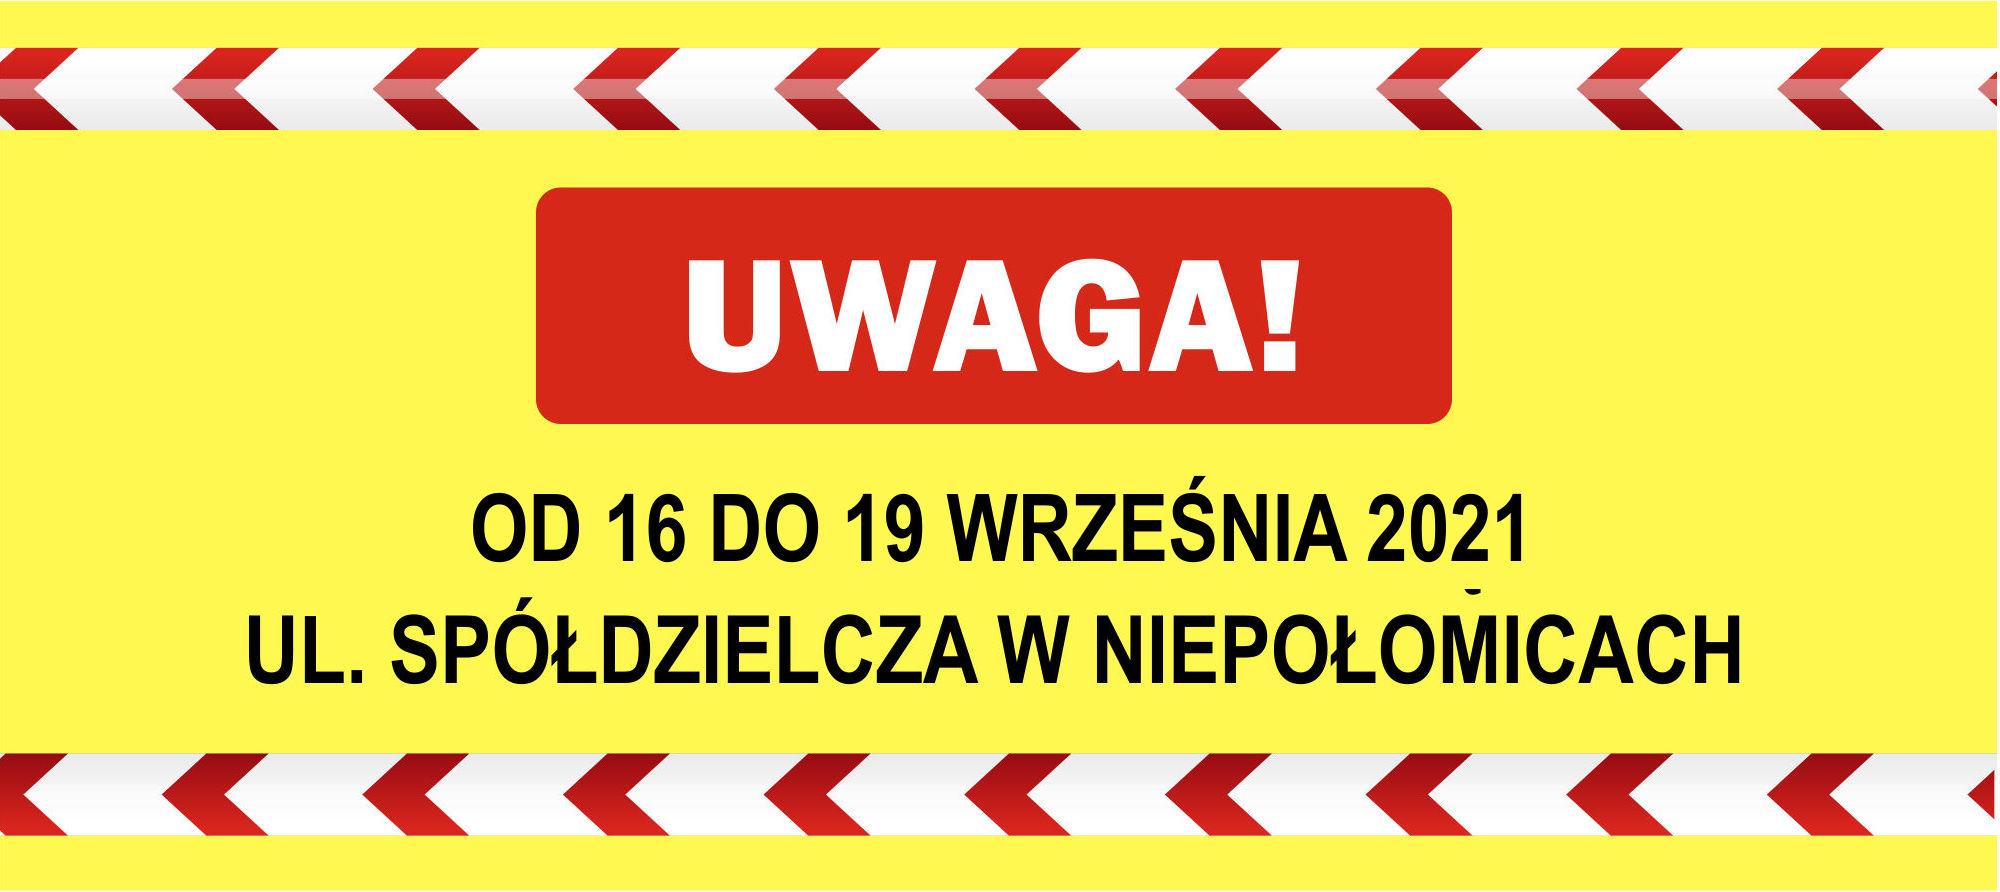 Od 16 do 19 września ul. Spółdzielcza zamknięta